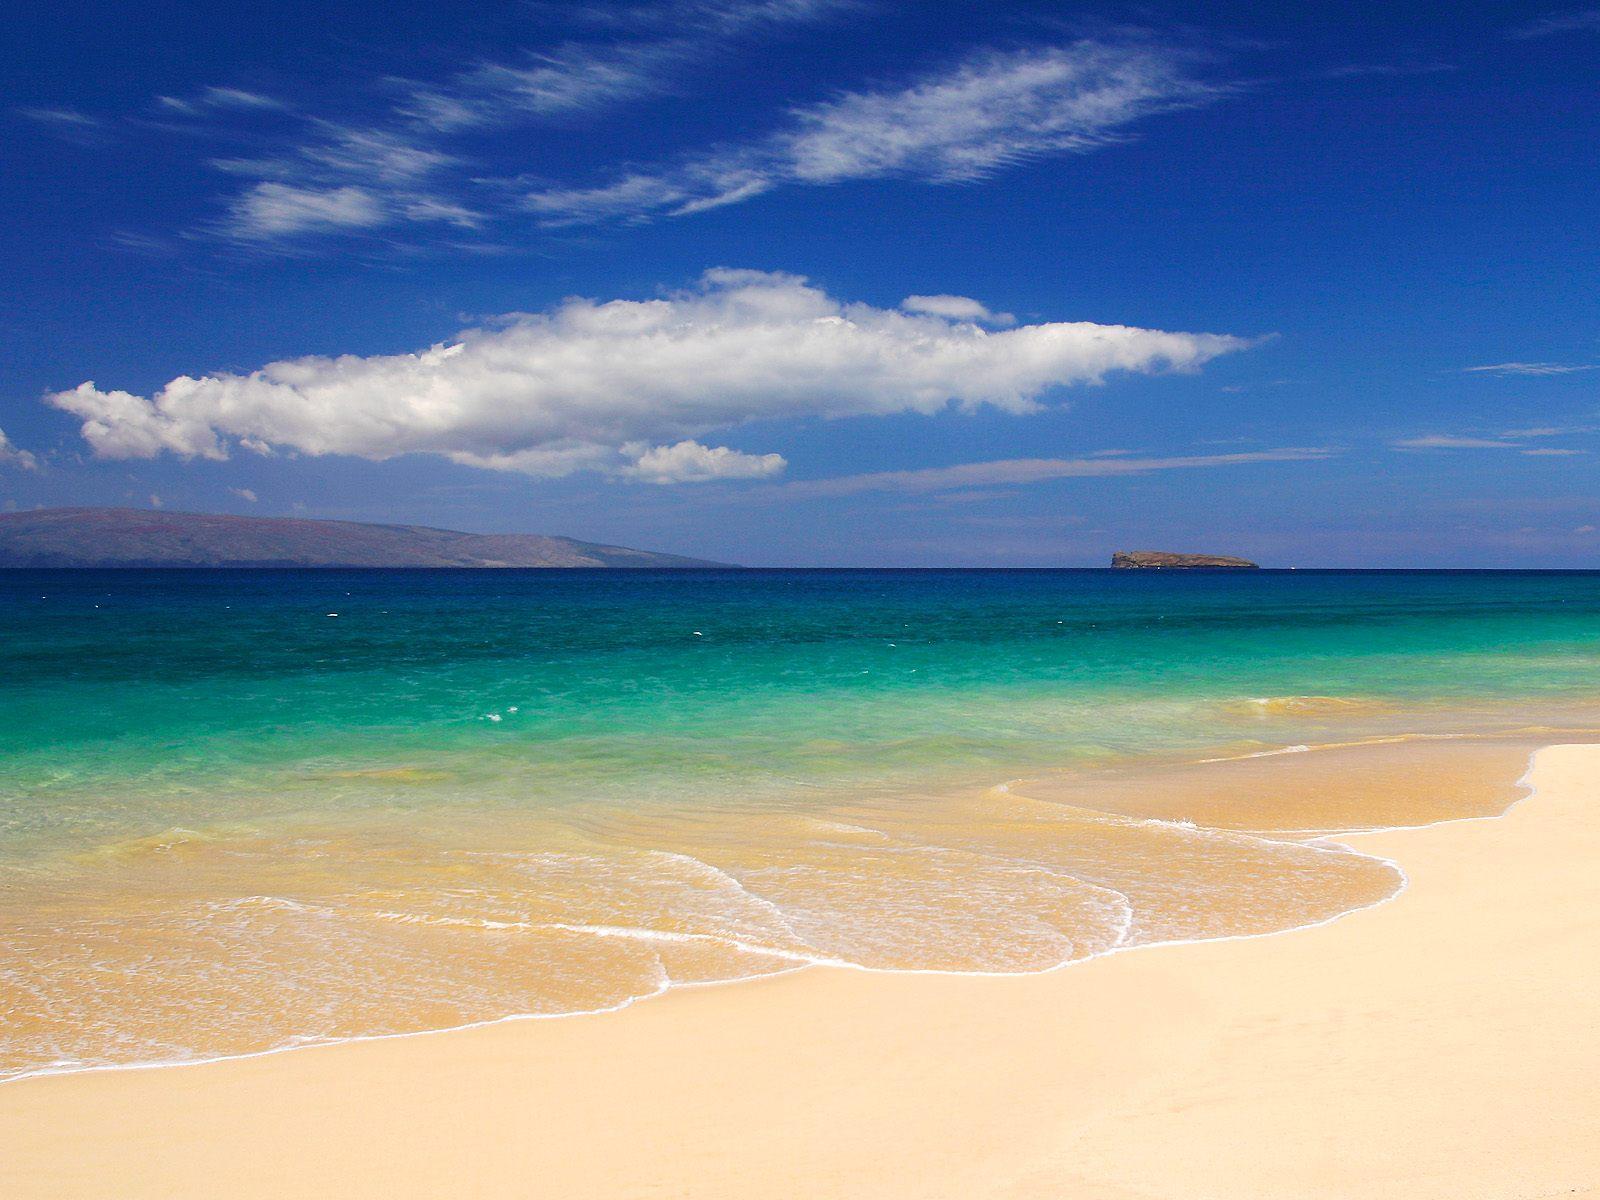 http://3.bp.blogspot.com/-XwguGk7SX44/TtzS80LdIDI/AAAAAAAAAsg/WFIFY9TQym8/s1600/beach-hd-8-771364.jpg